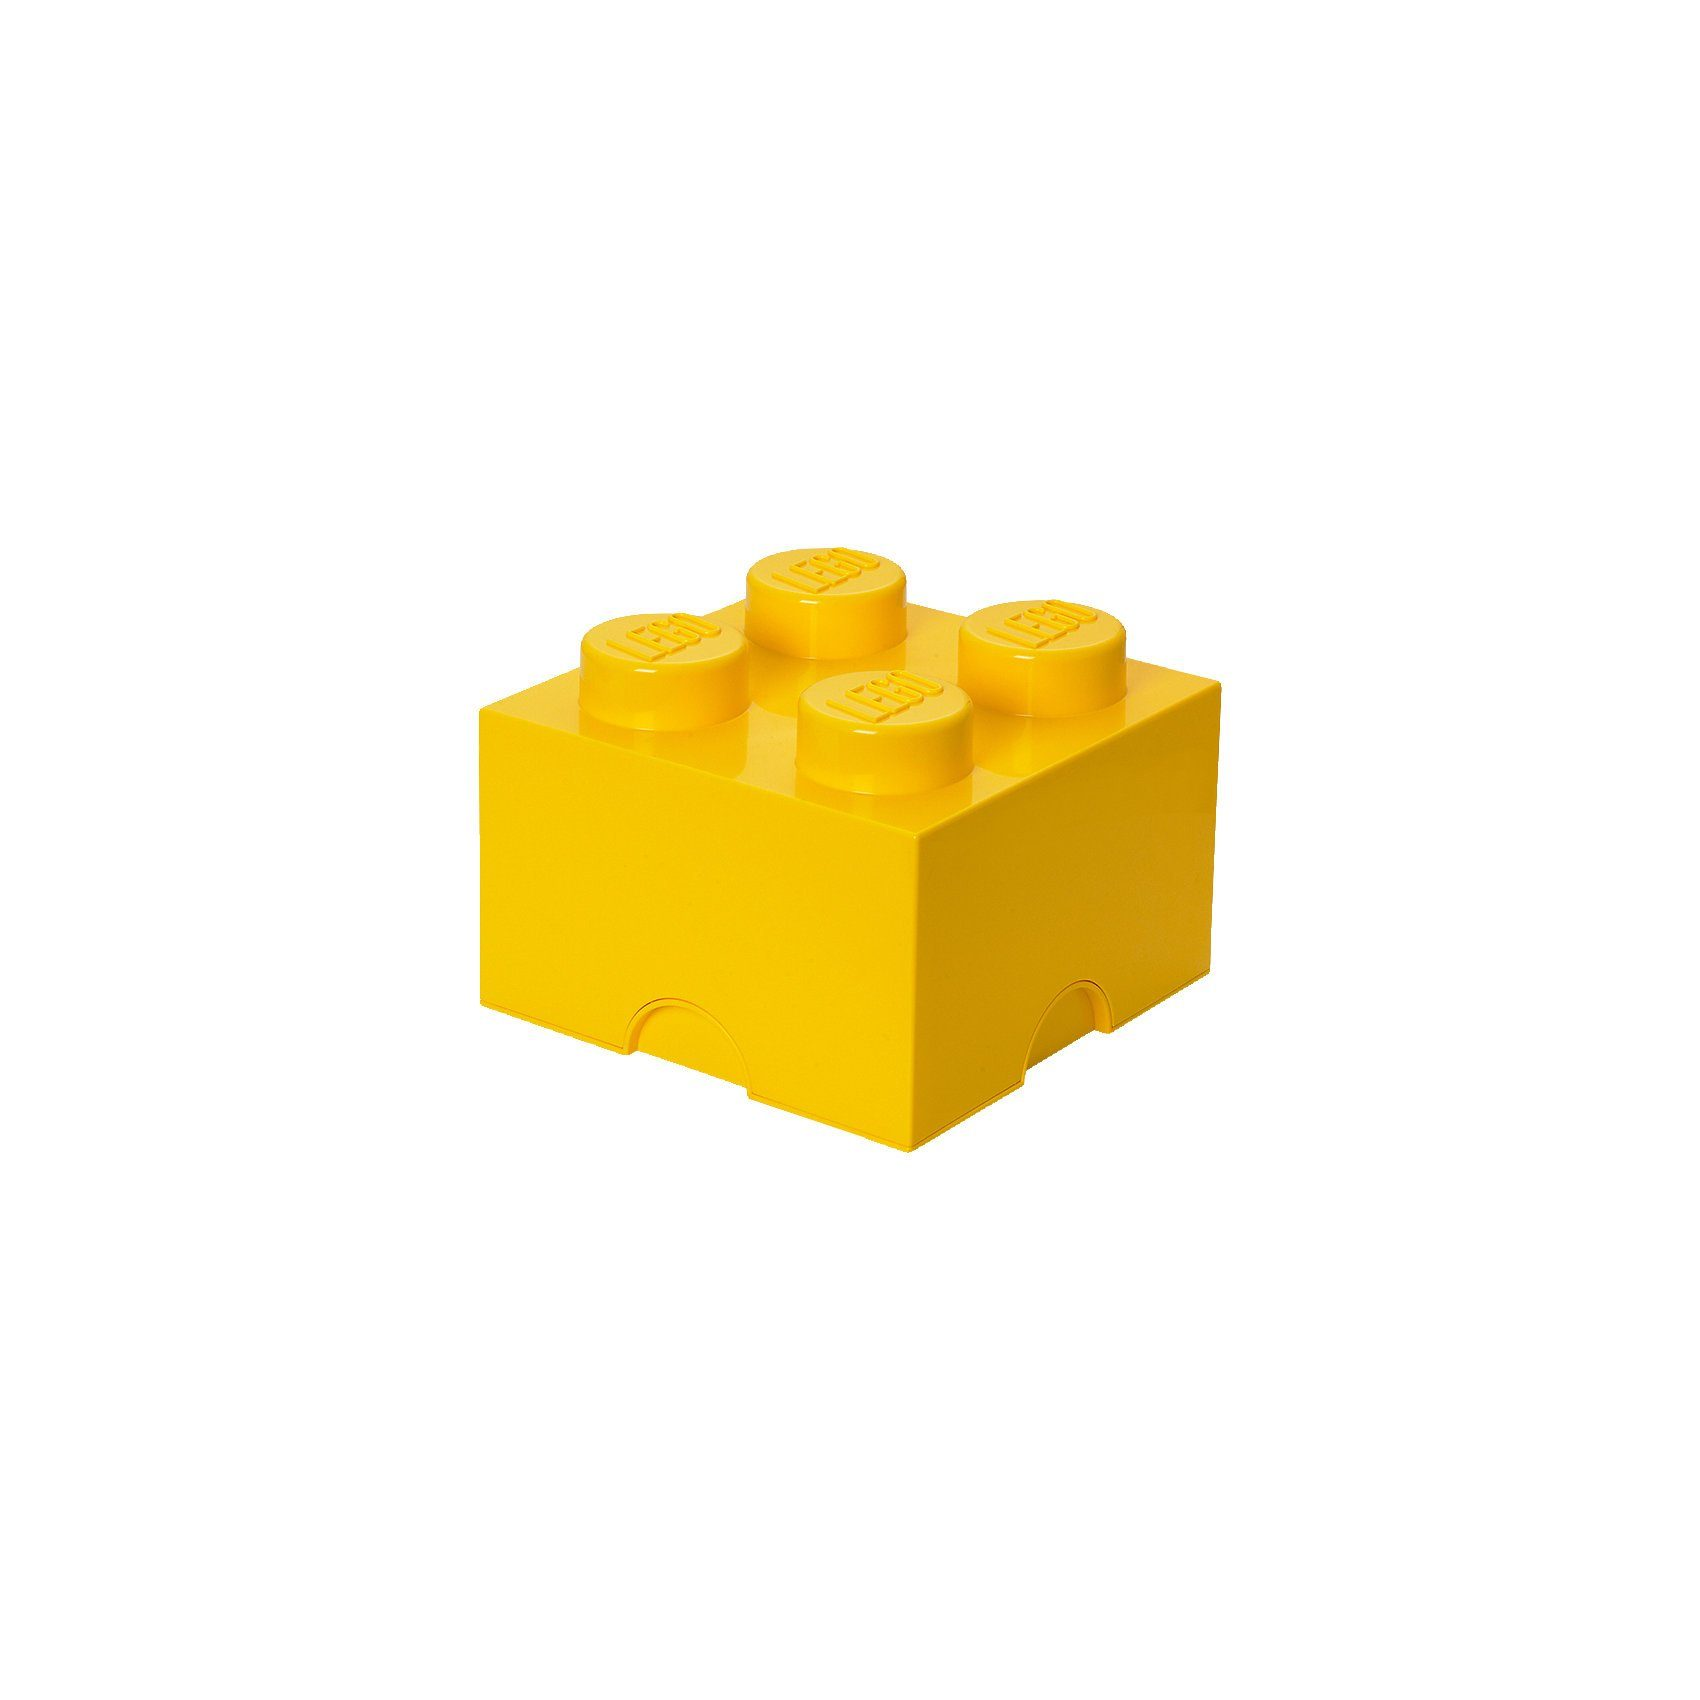 LEGO Storage Brick 4er Stein gelb